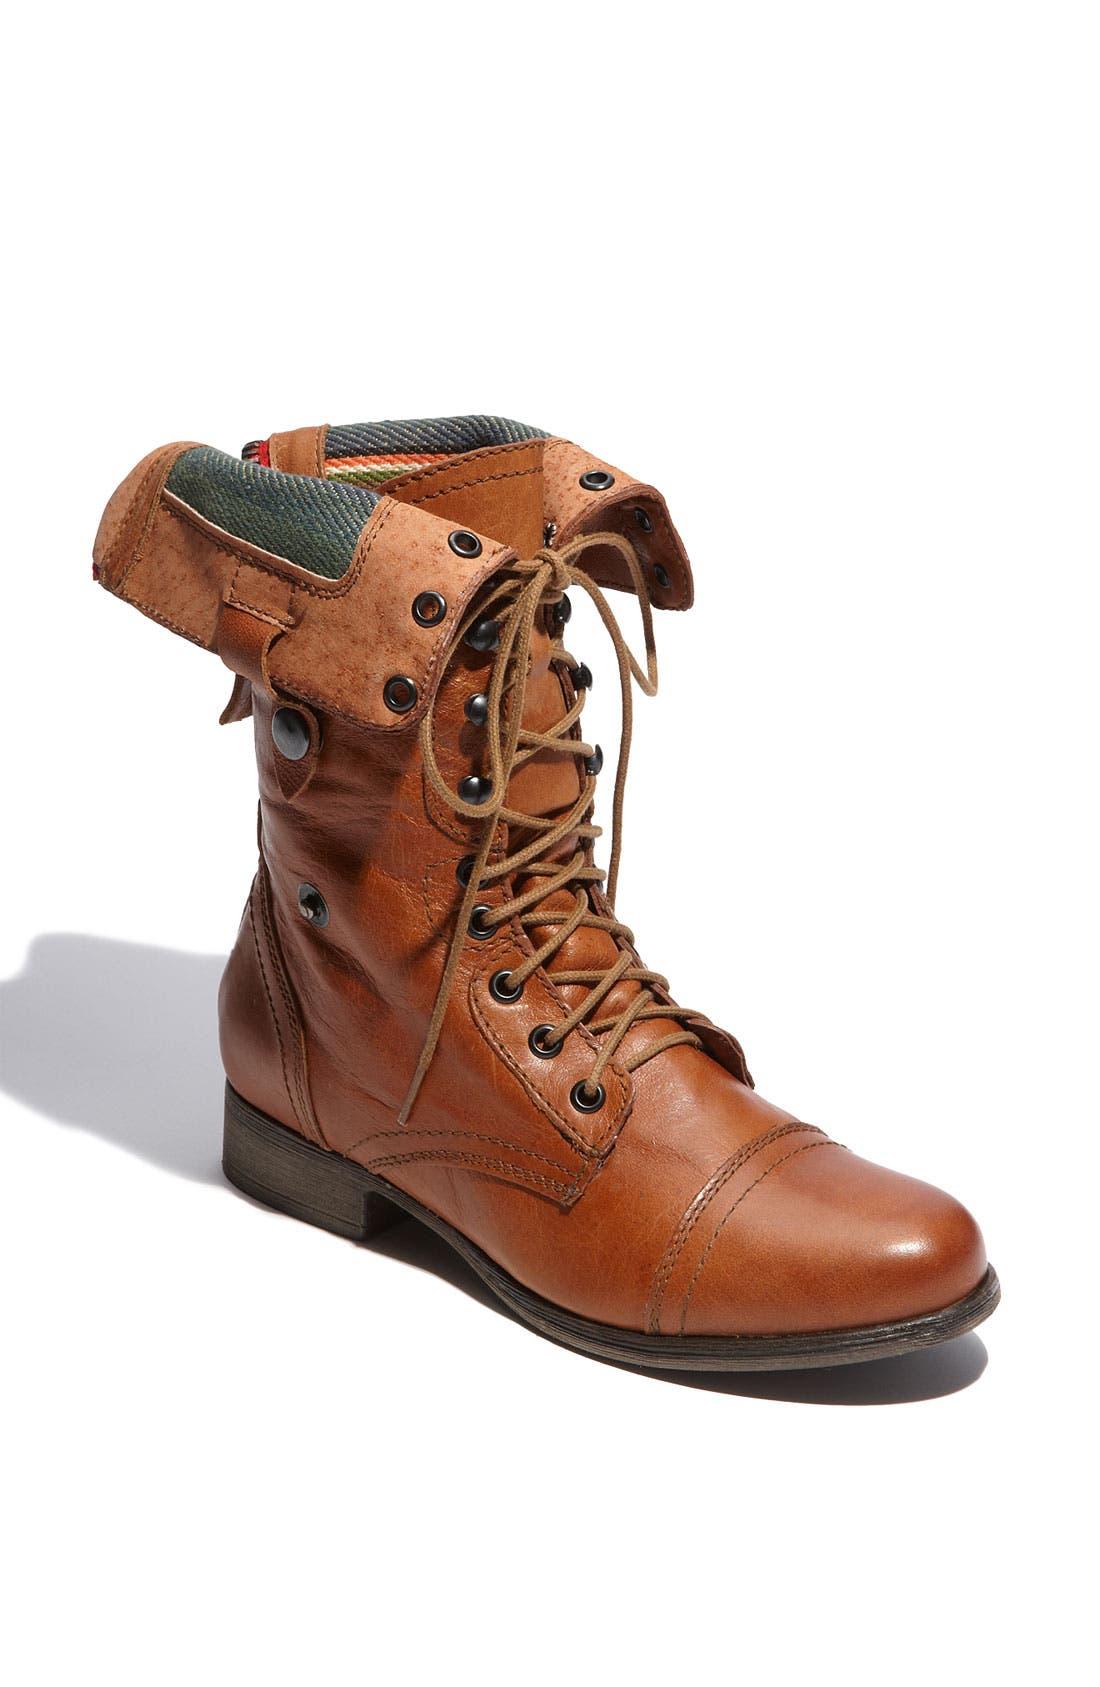 Alternate Image 1 Selected - Steve Madden 'Forestr' Boot